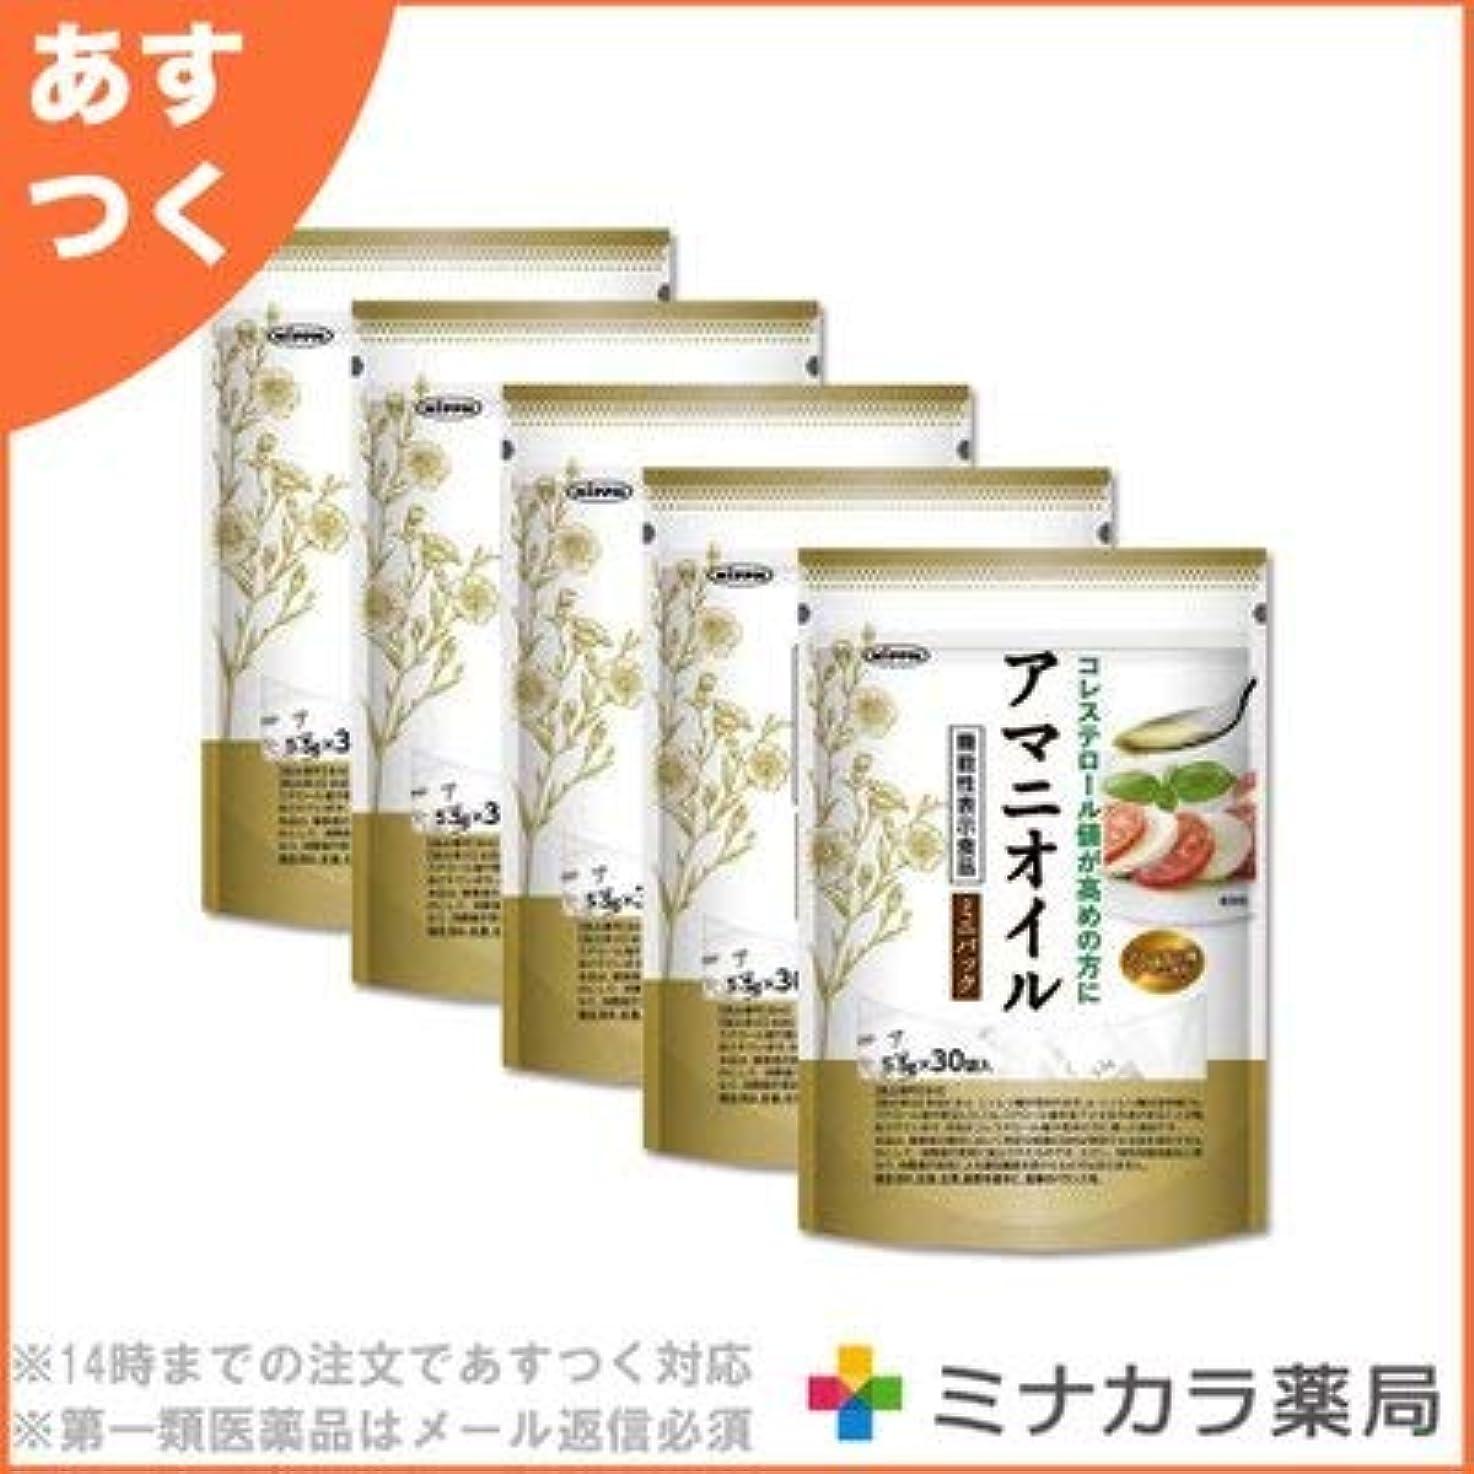 不快ファントムれる日本製粉 アマニオイル ミニパック 5.5g×30 (機能性表示食品)×5個セット